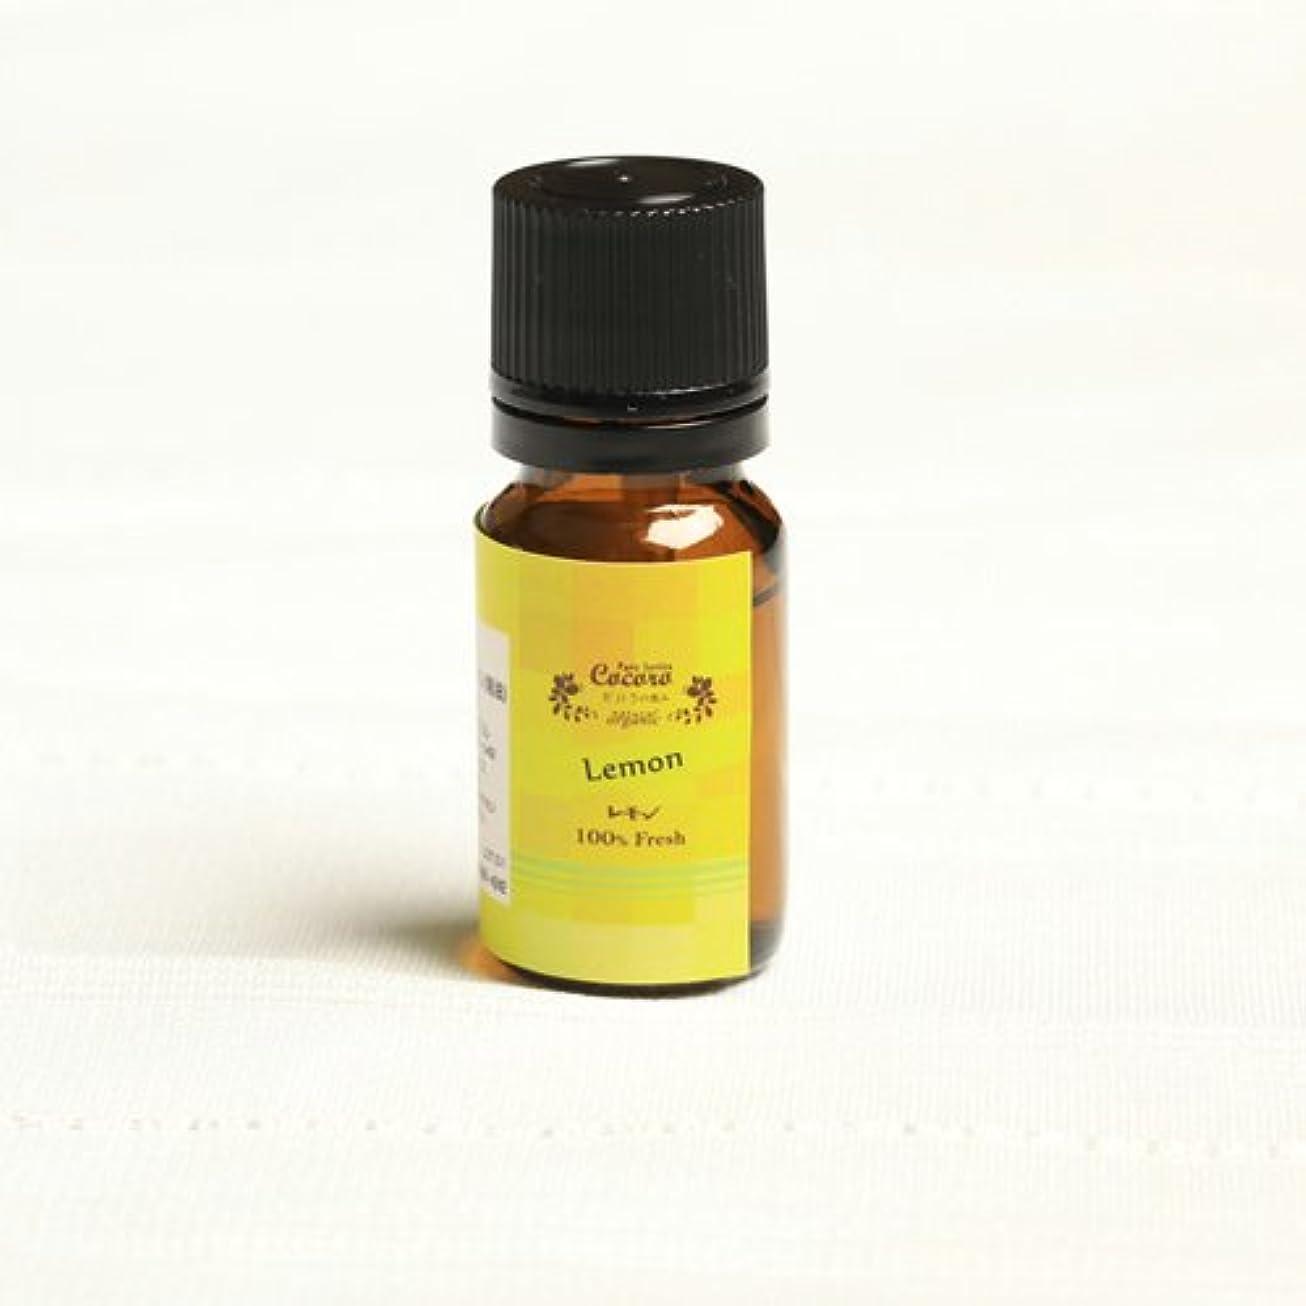 文明化する厄介な贅沢レモン 製油100% 2本セット